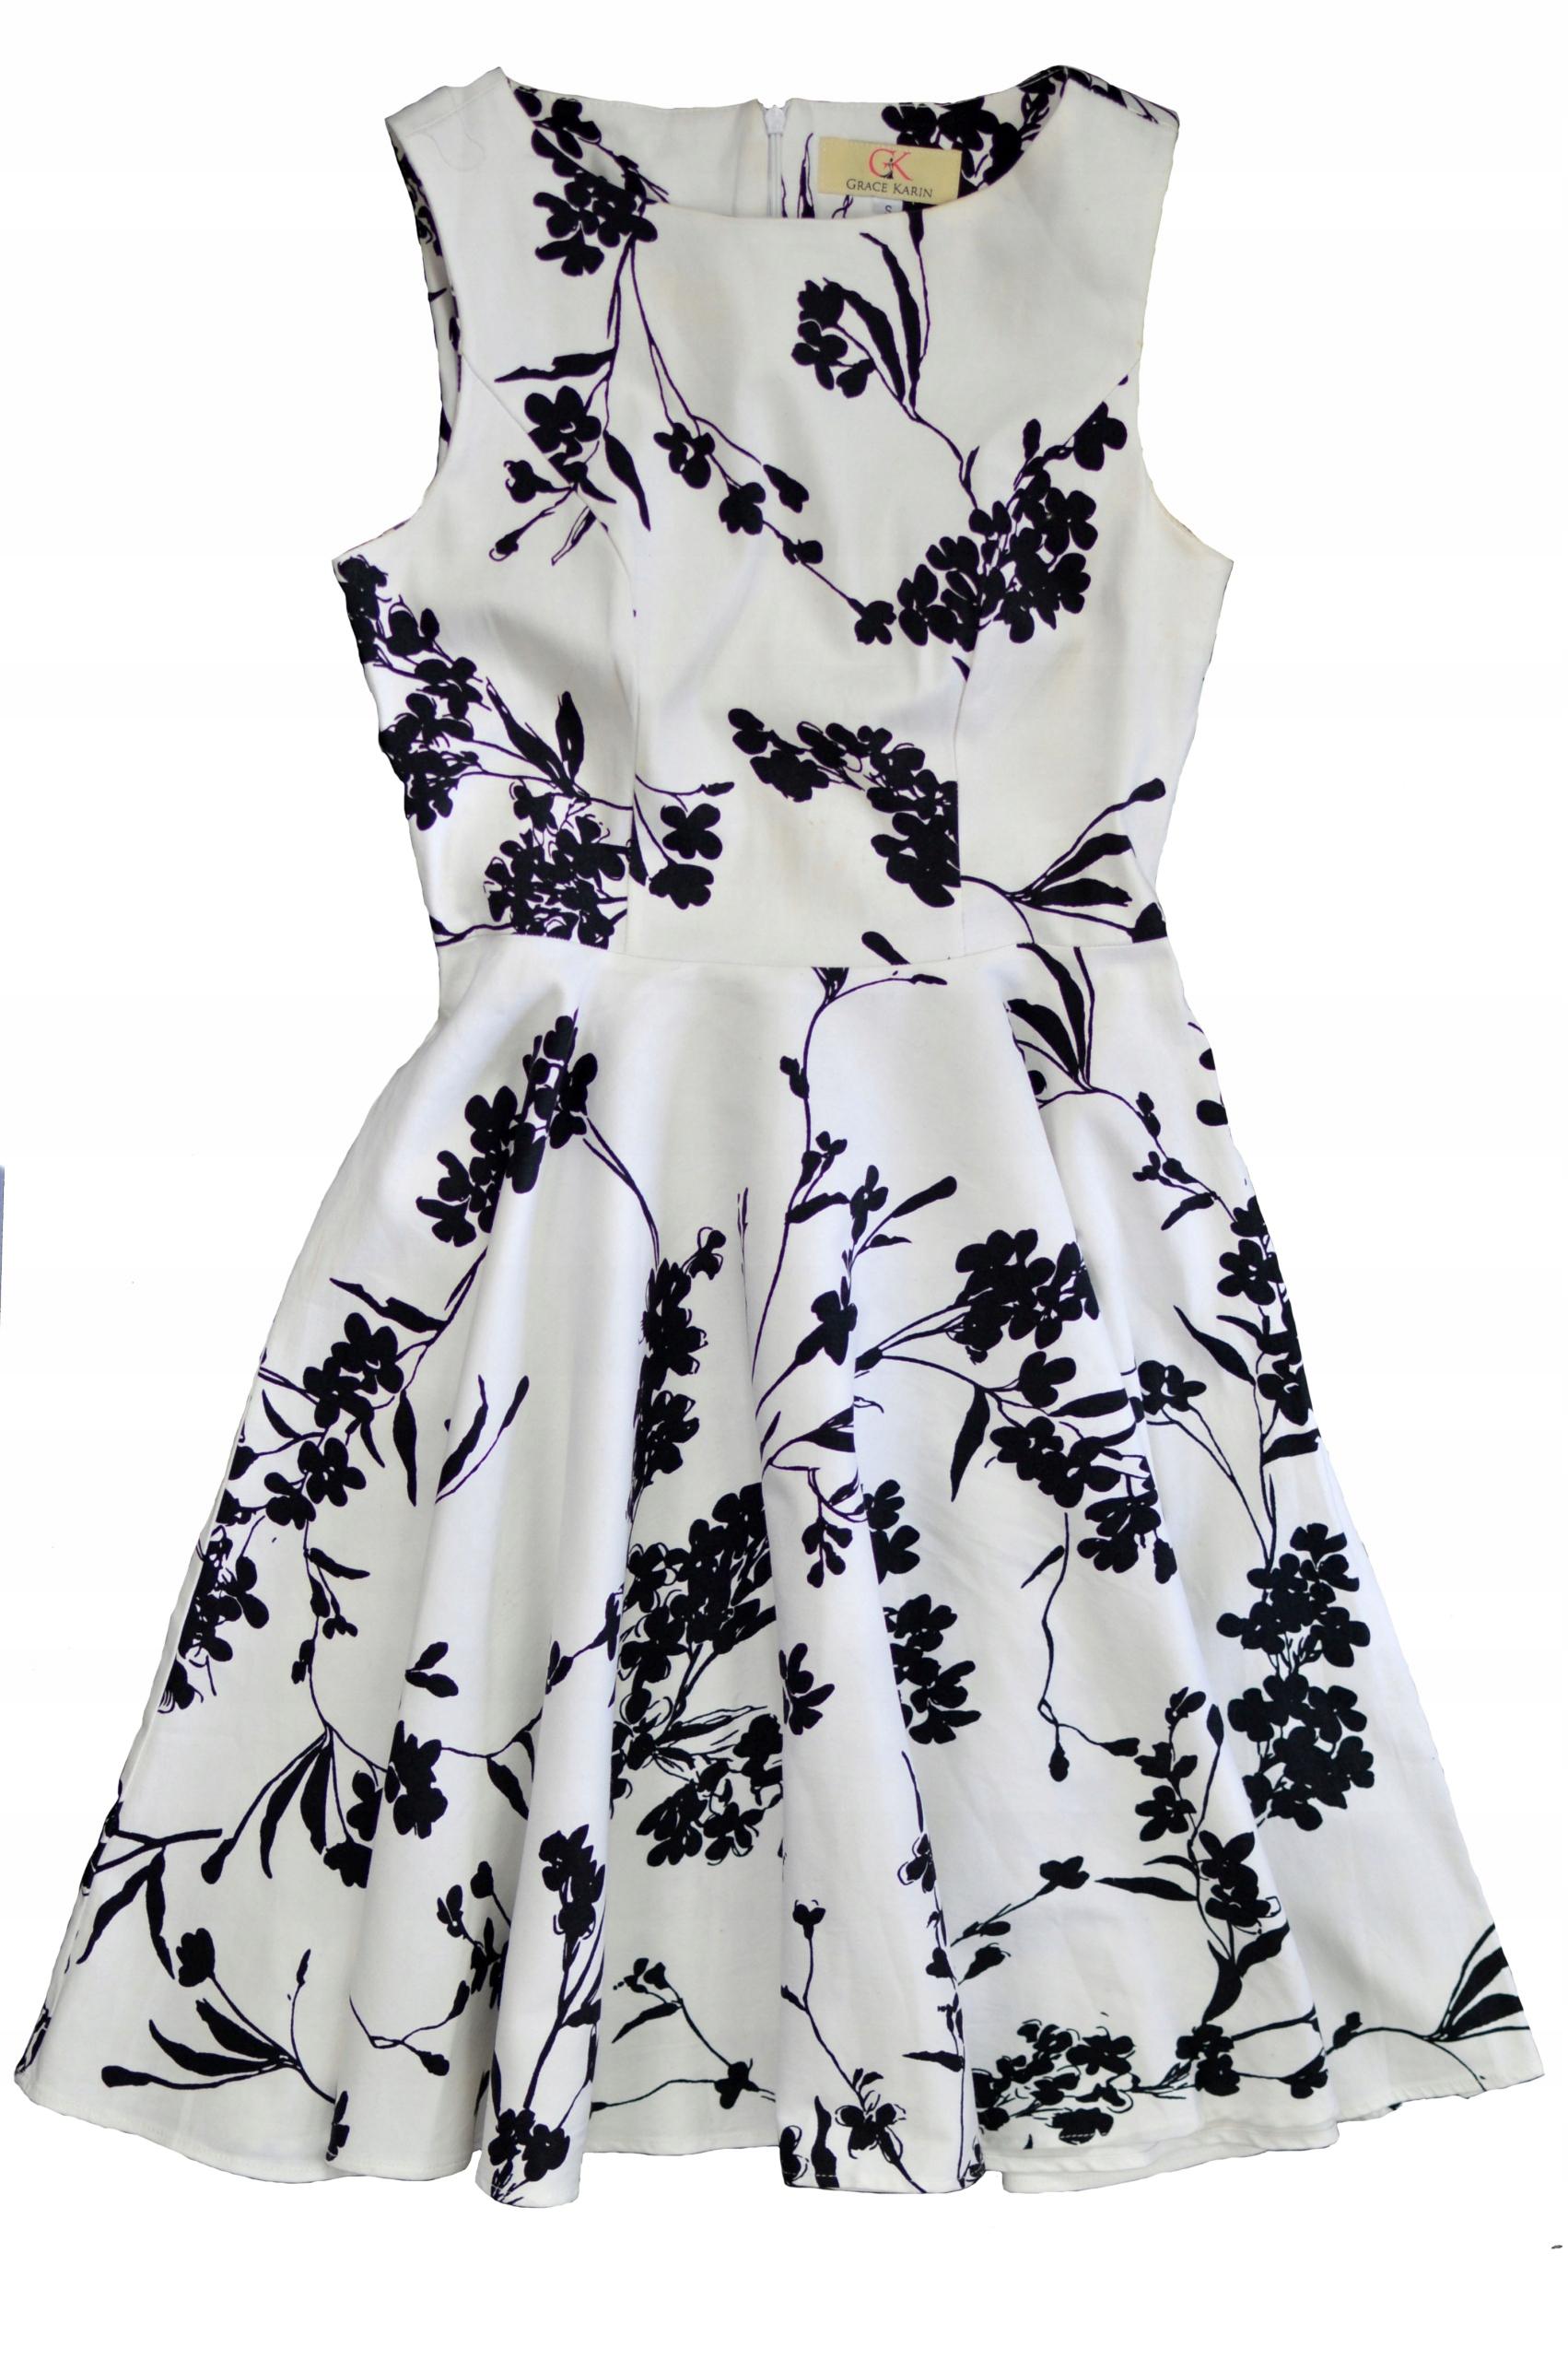 Grace Karin Piękna Sukienka Retro Wesele 36 S 7442511390